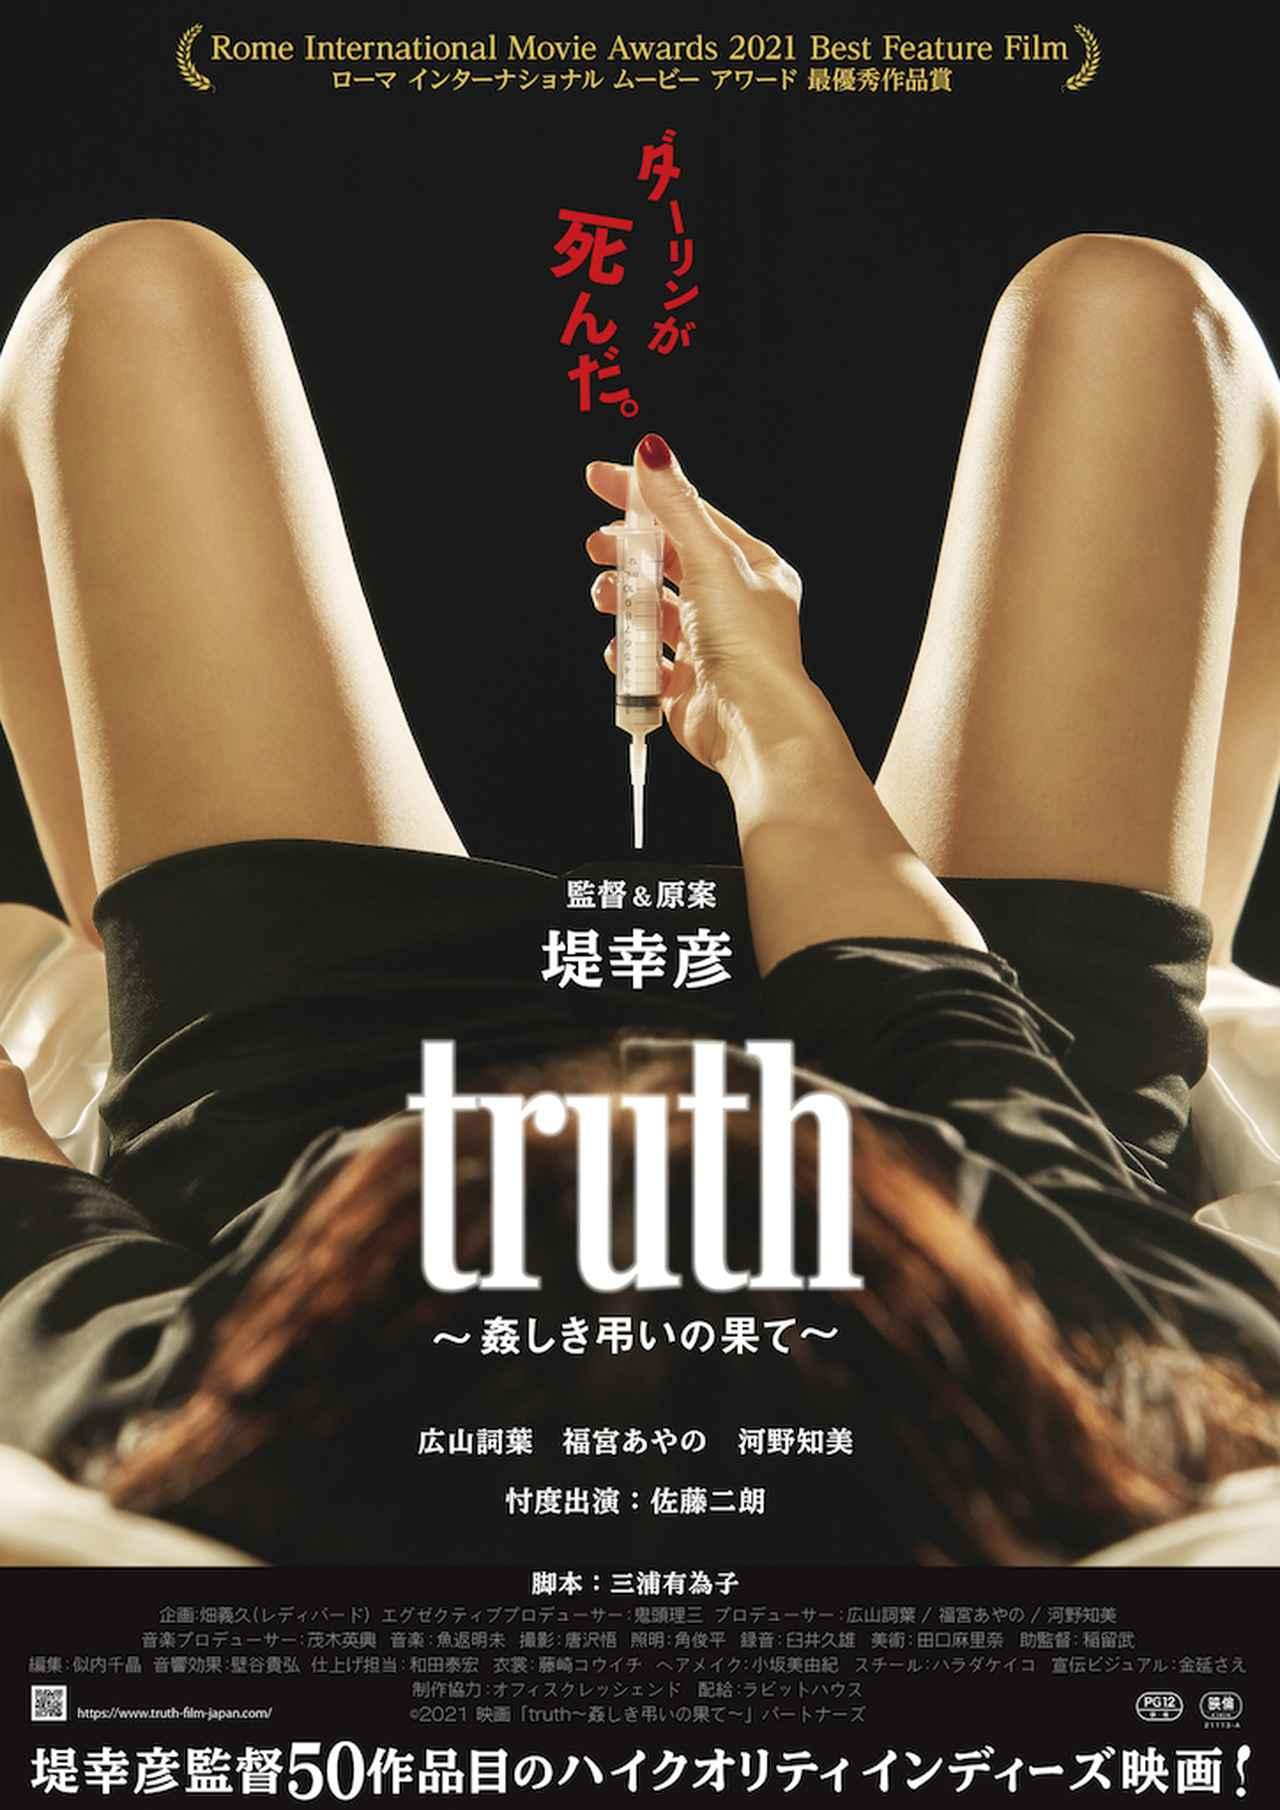 画像: ©2021 映画「truth〜姦しき弔いの果て〜」パートナーズ